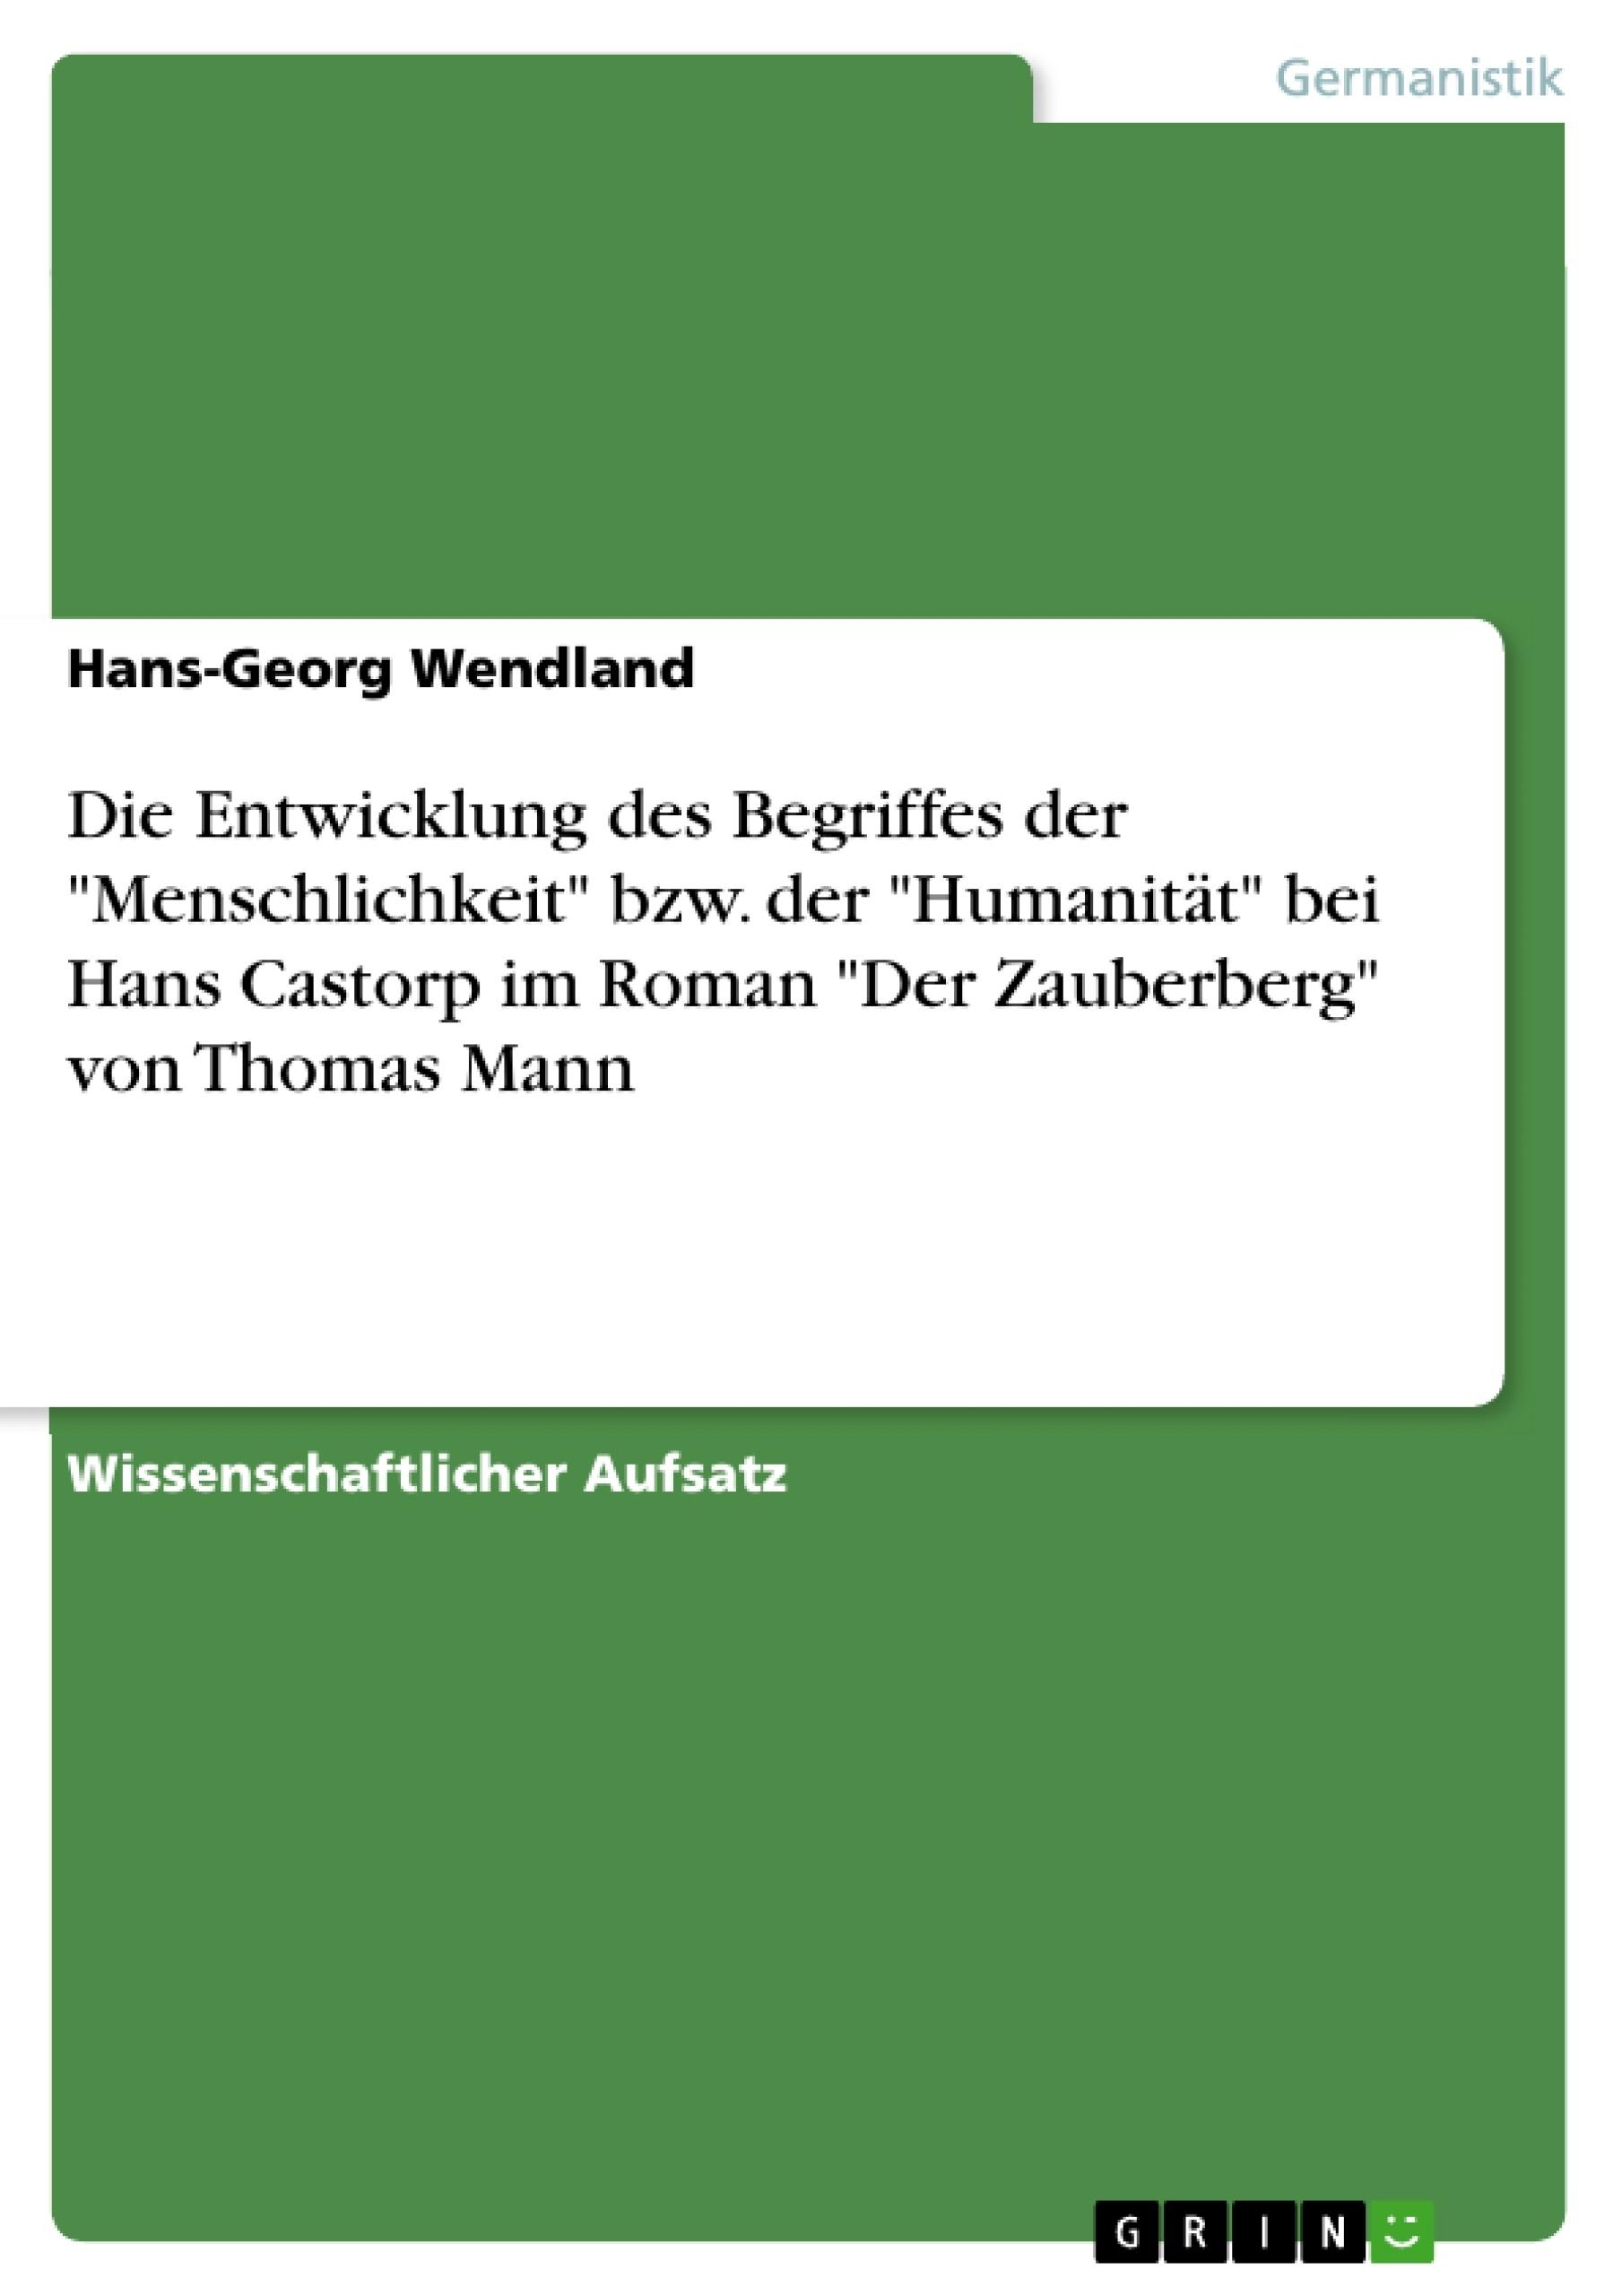 """Titel: Die Entwicklung des Begriffes der """"Menschlichkeit"""" bzw. der """"Humanität"""" bei Hans Castorp im Roman """"Der Zauberberg"""" von Thomas Mann"""